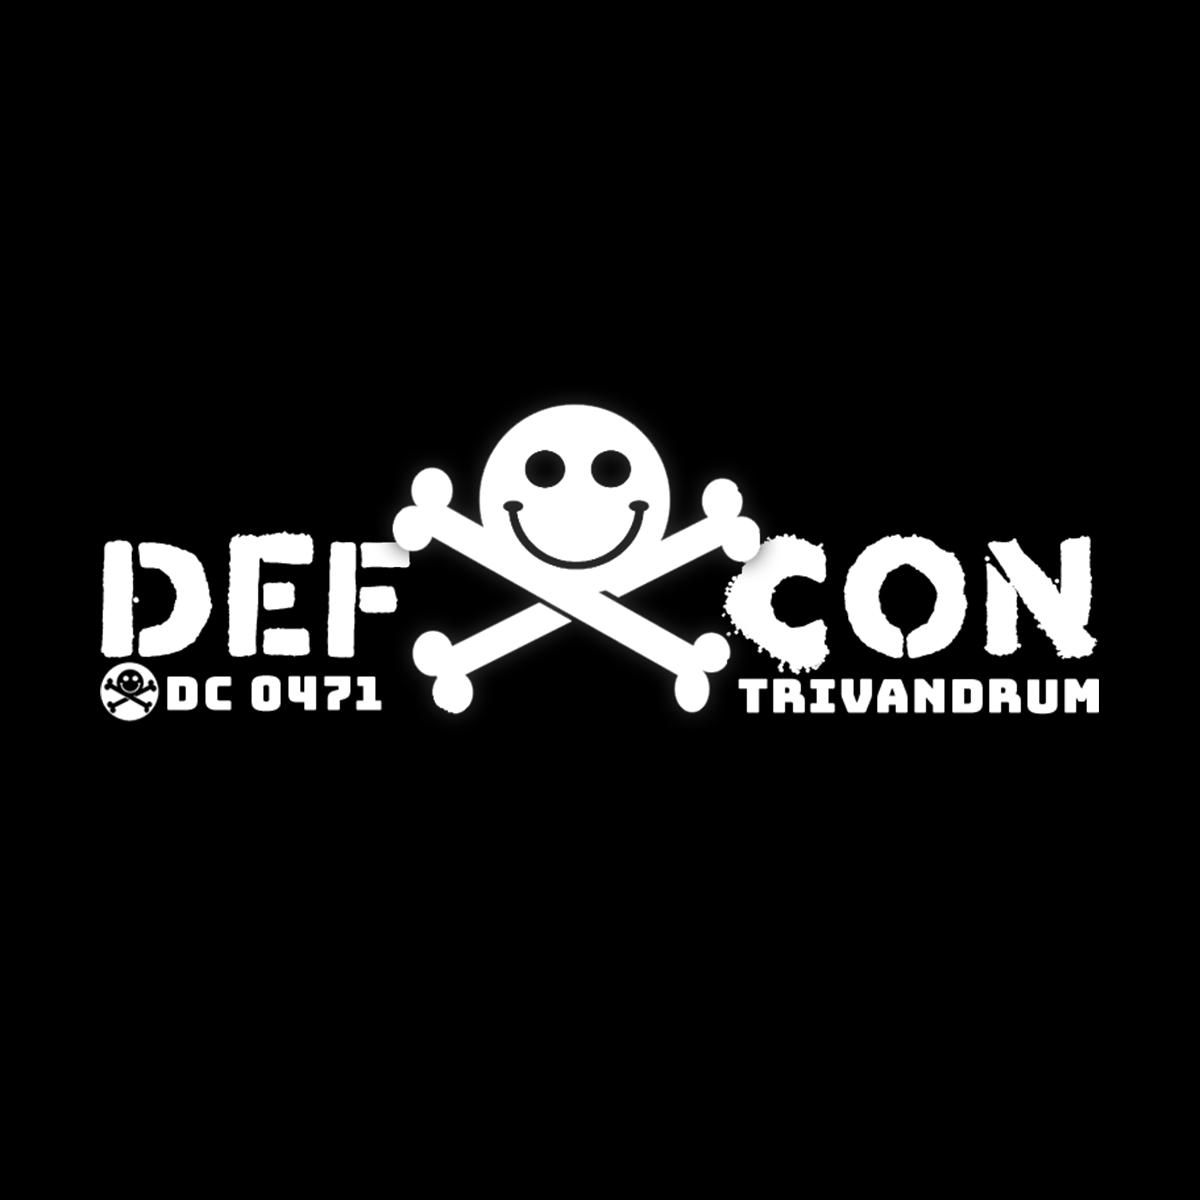 dc0471 Logo